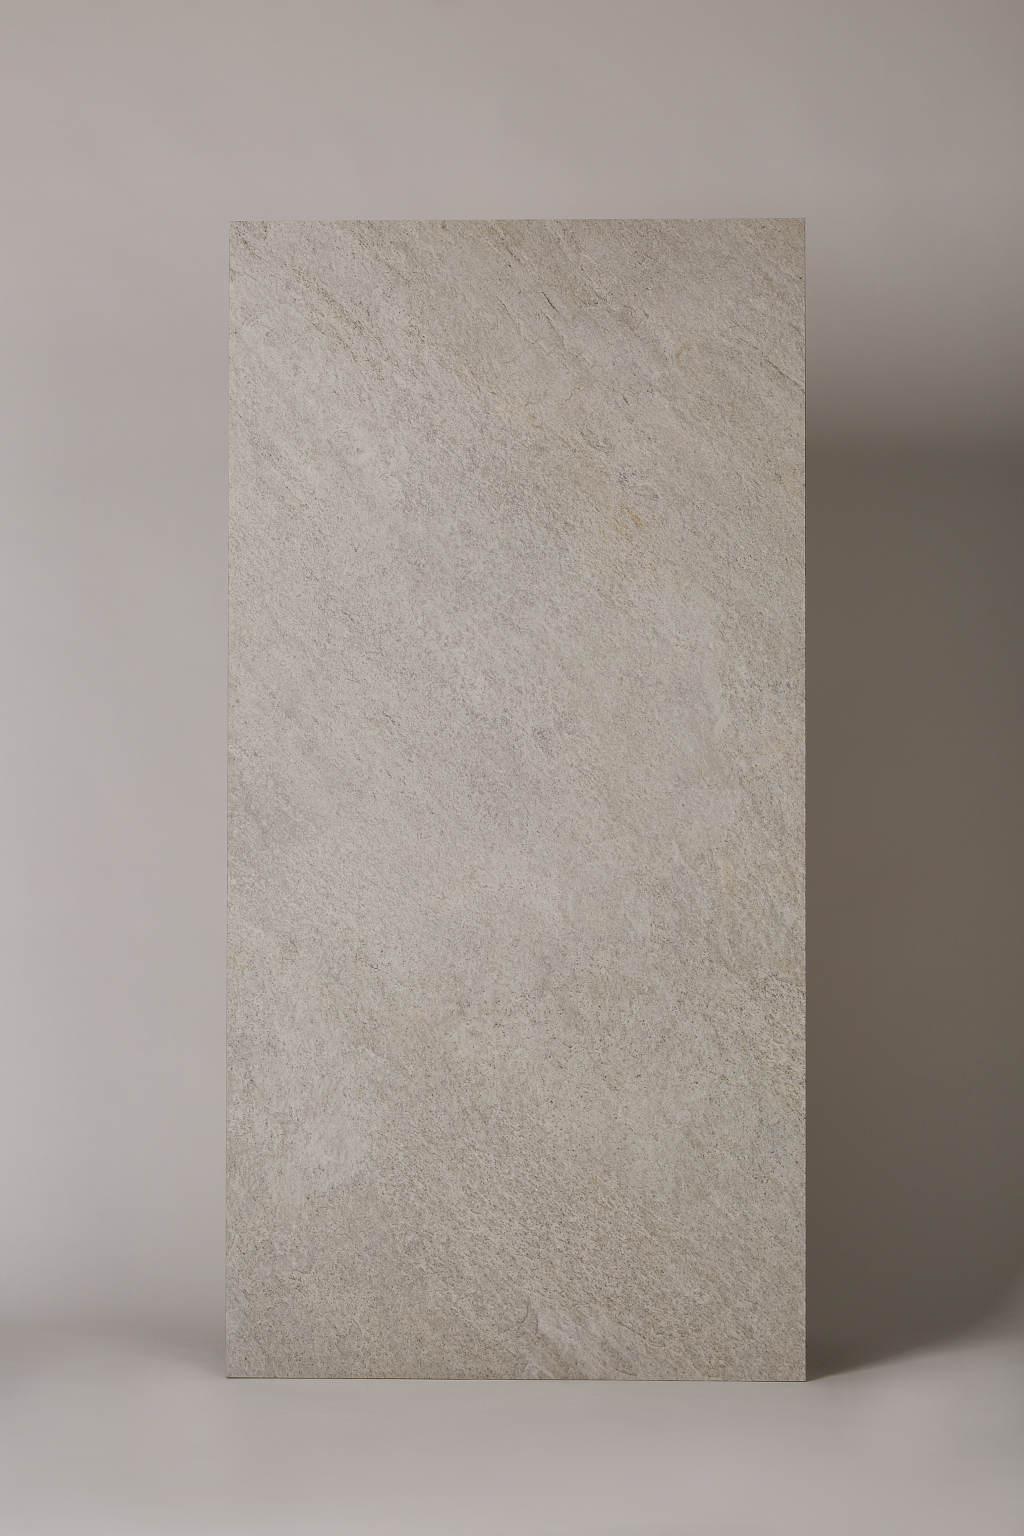 Płytka gresowa, włoska, matowa, rozmiar 60x120cm, rektyfikowana, mrozoodporna, podłoga, ściana - LA FABBRICA Storm salt 60×120